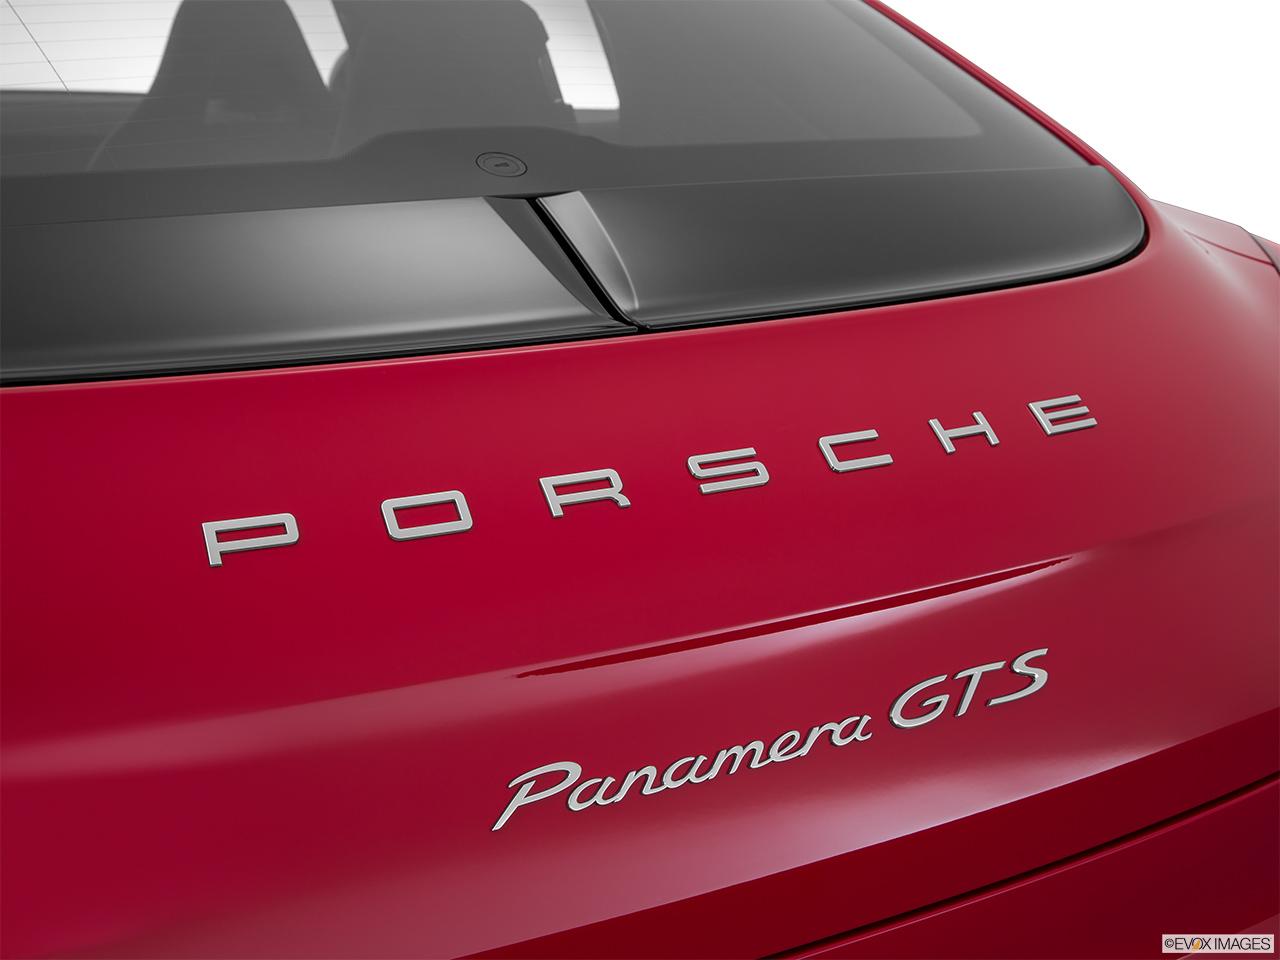 10043_st1280_091.jpg Nice Porsche S Hatchbacks on porsche 7 passenger, porsche muscle car, porsche panamera, porsche 4 door hatch, porsche replica cars, porsche carrera, porsche suv, porsche cayenne, porsche 2 door convertible, porsche notchback, porsche under 10k, porsche roadster convertible, porsche type r, porsche spyder, porsche van, porsche hybrid, porsche race girl, porsche minivan, porsche coupe, porsche 928 s,